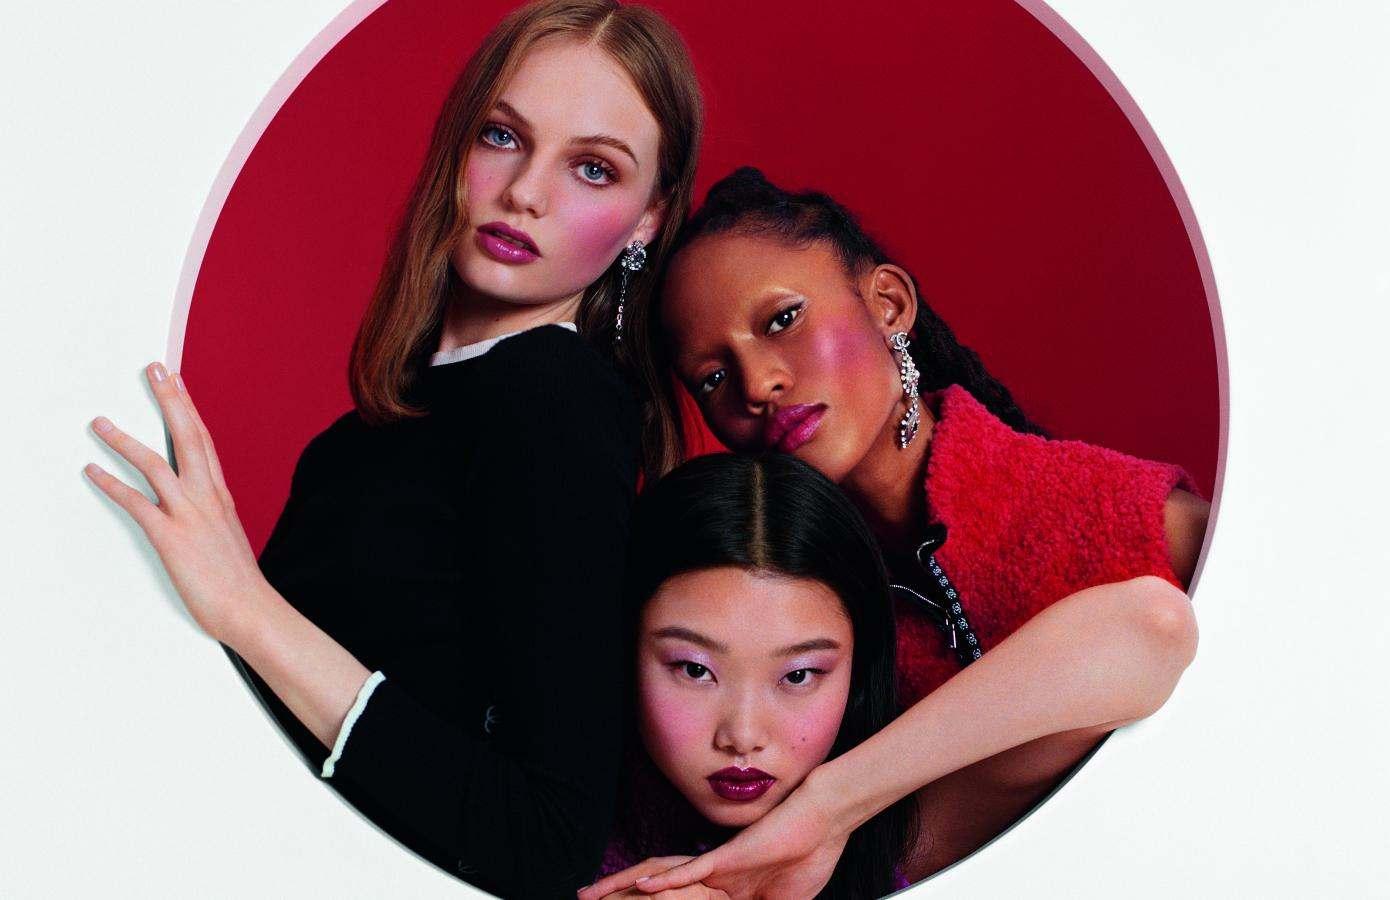 Ювілейна колекція рум'ян Chanel 40th Anniversary Joues Contraste Powder Blush.